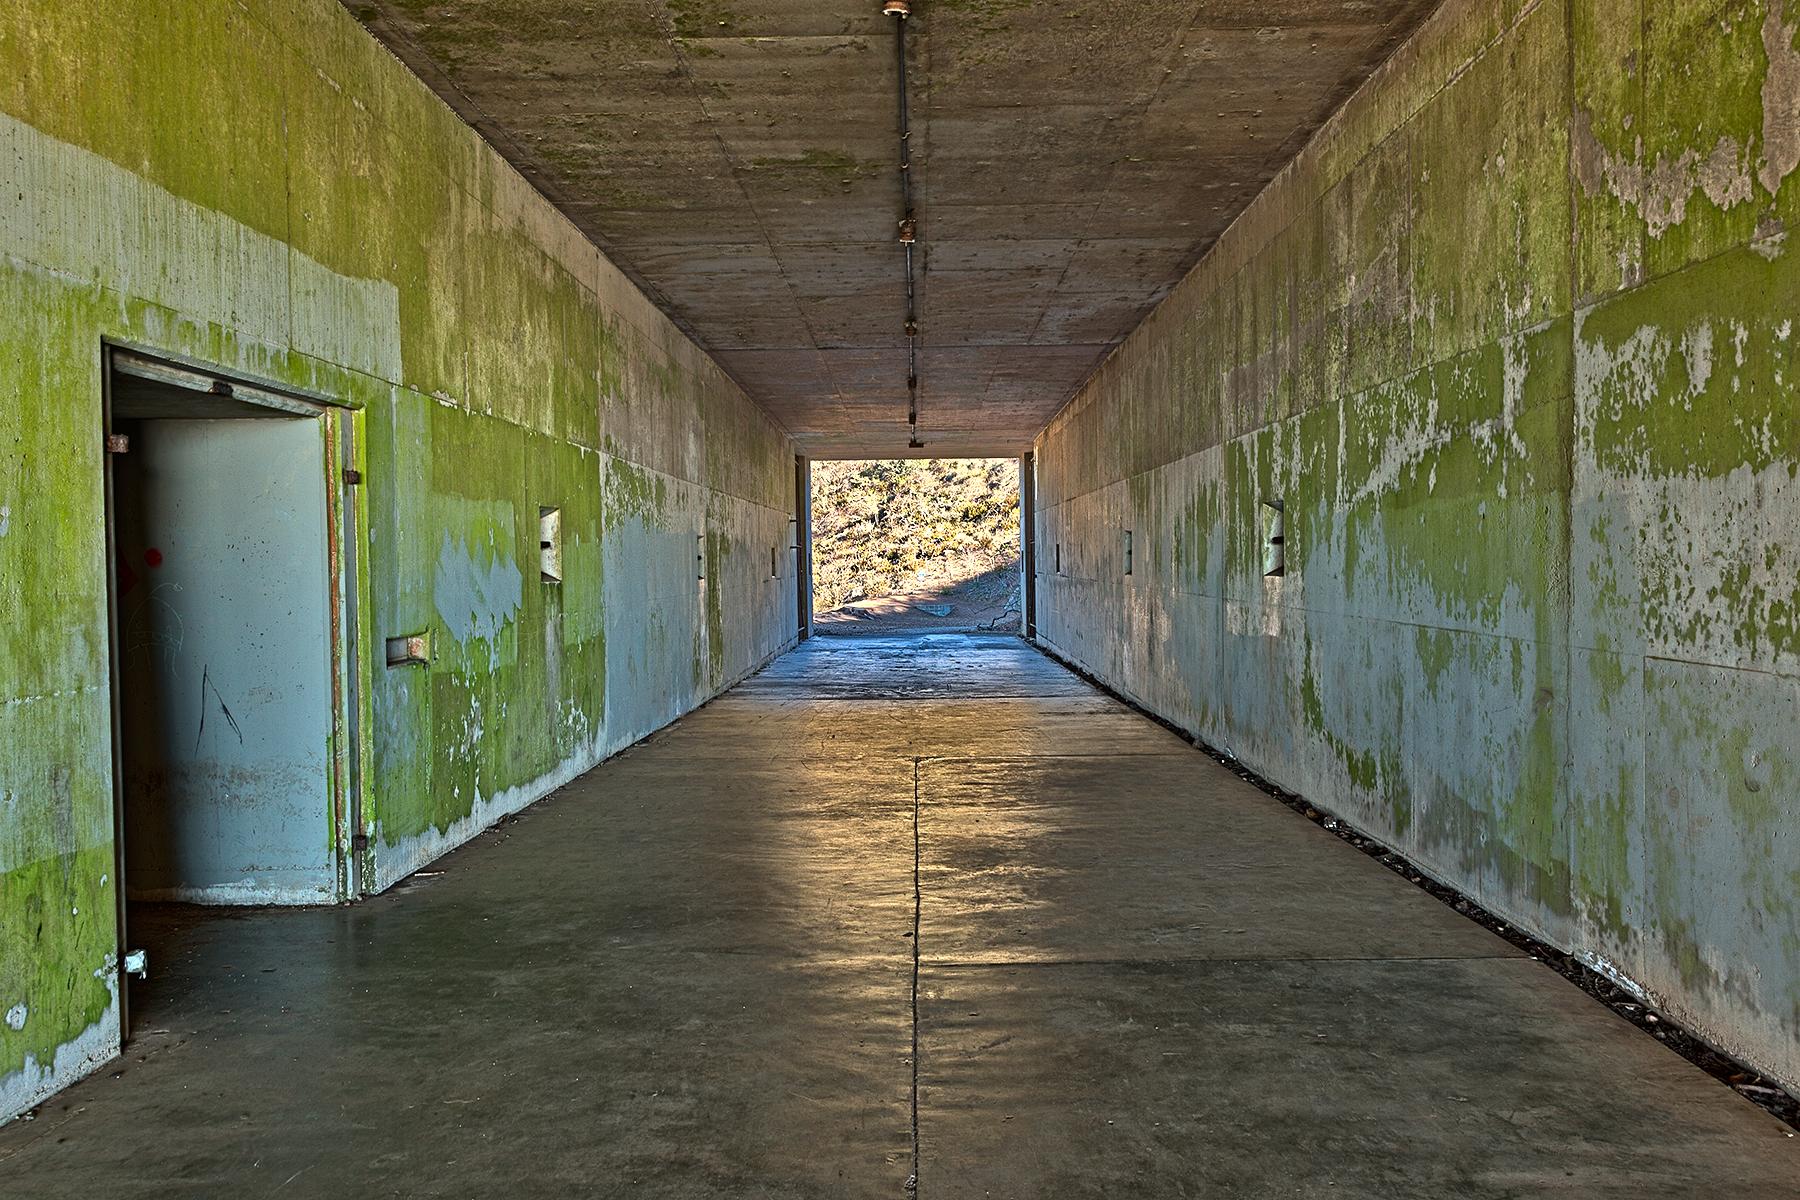 California war tunnel - hdr photo